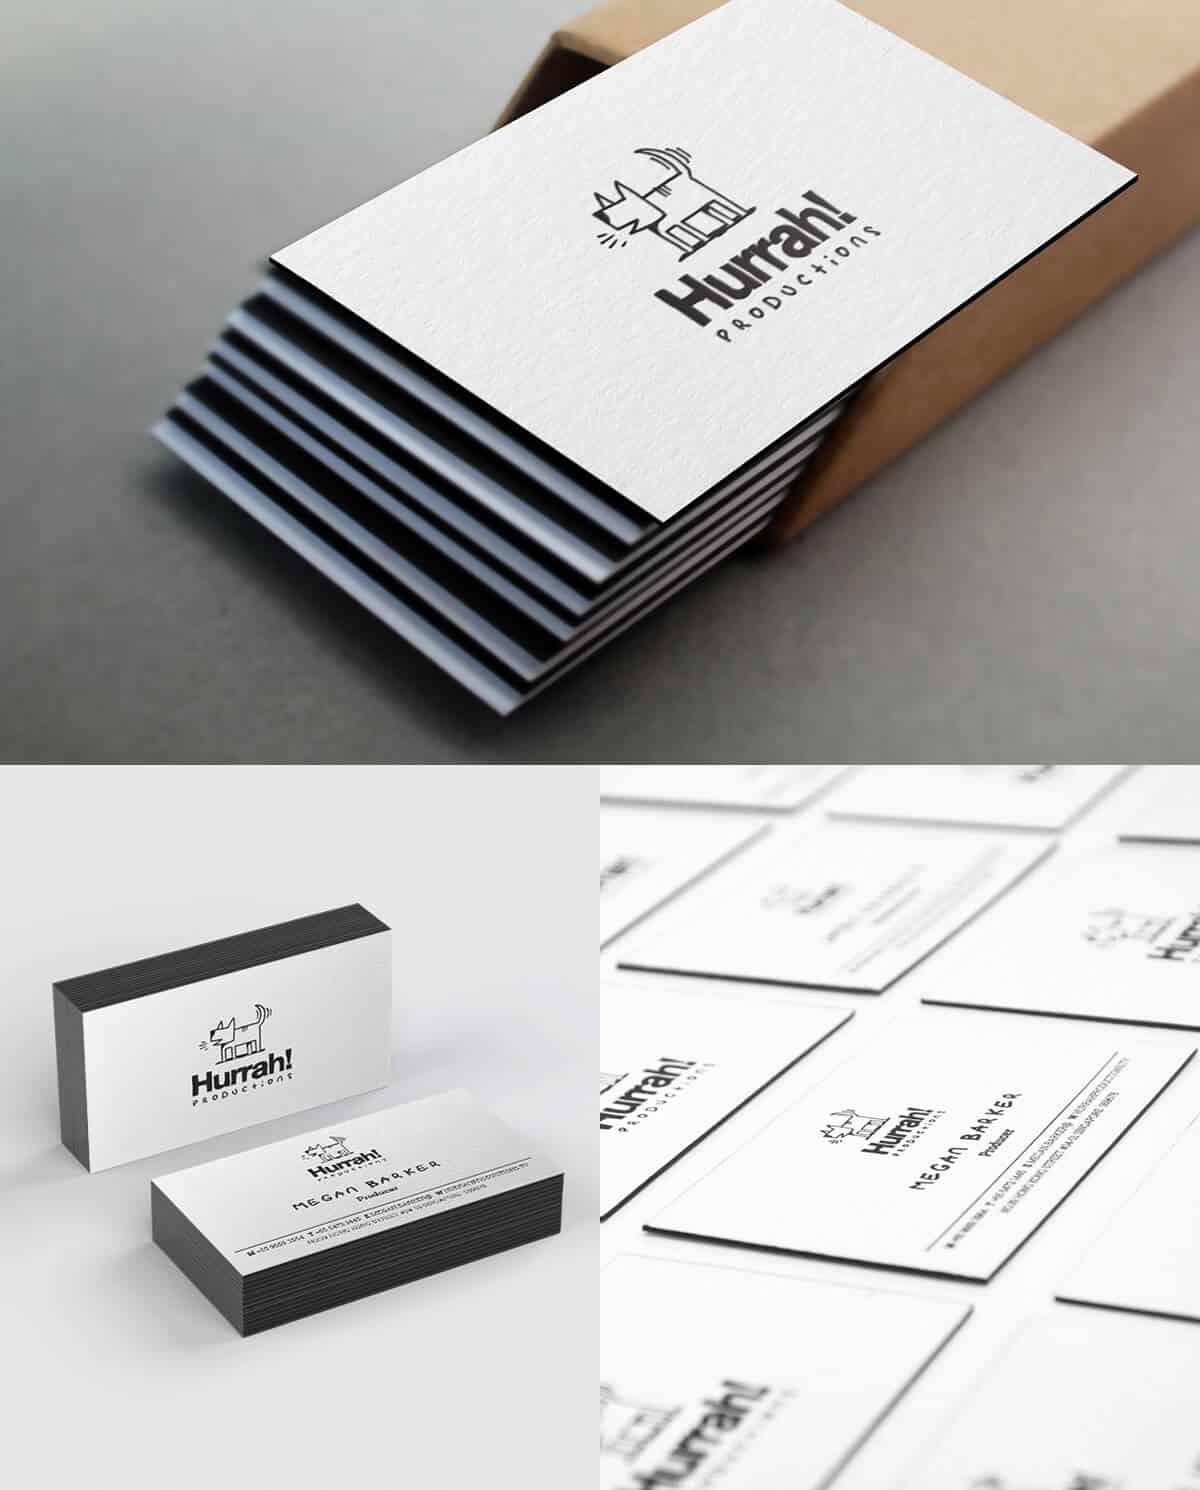 設計工作室店卡設計(凸版印刷)